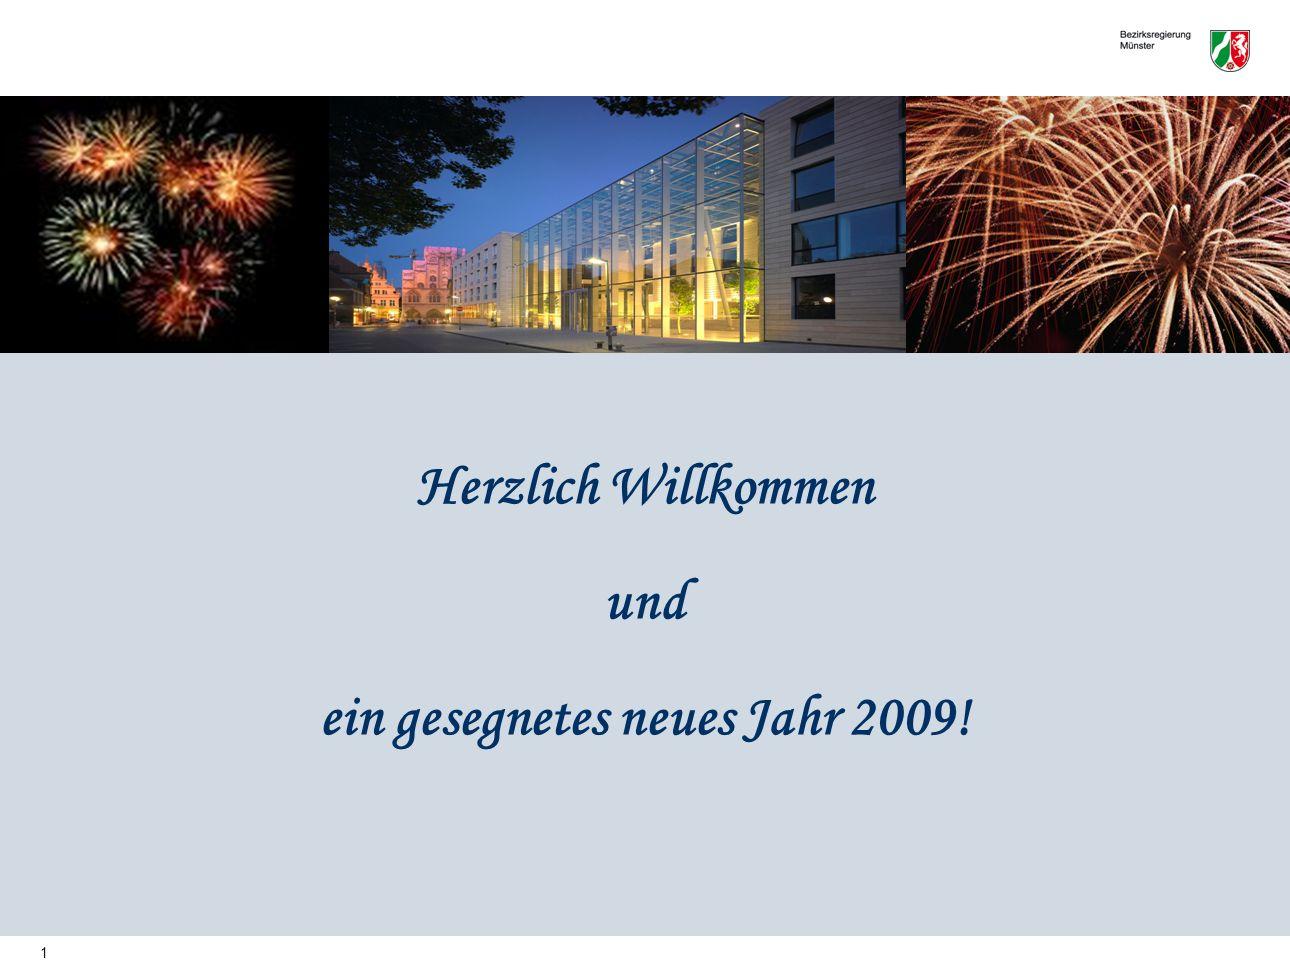 ein gesegnetes neues Jahr 2009! - ppt video online herunterladen